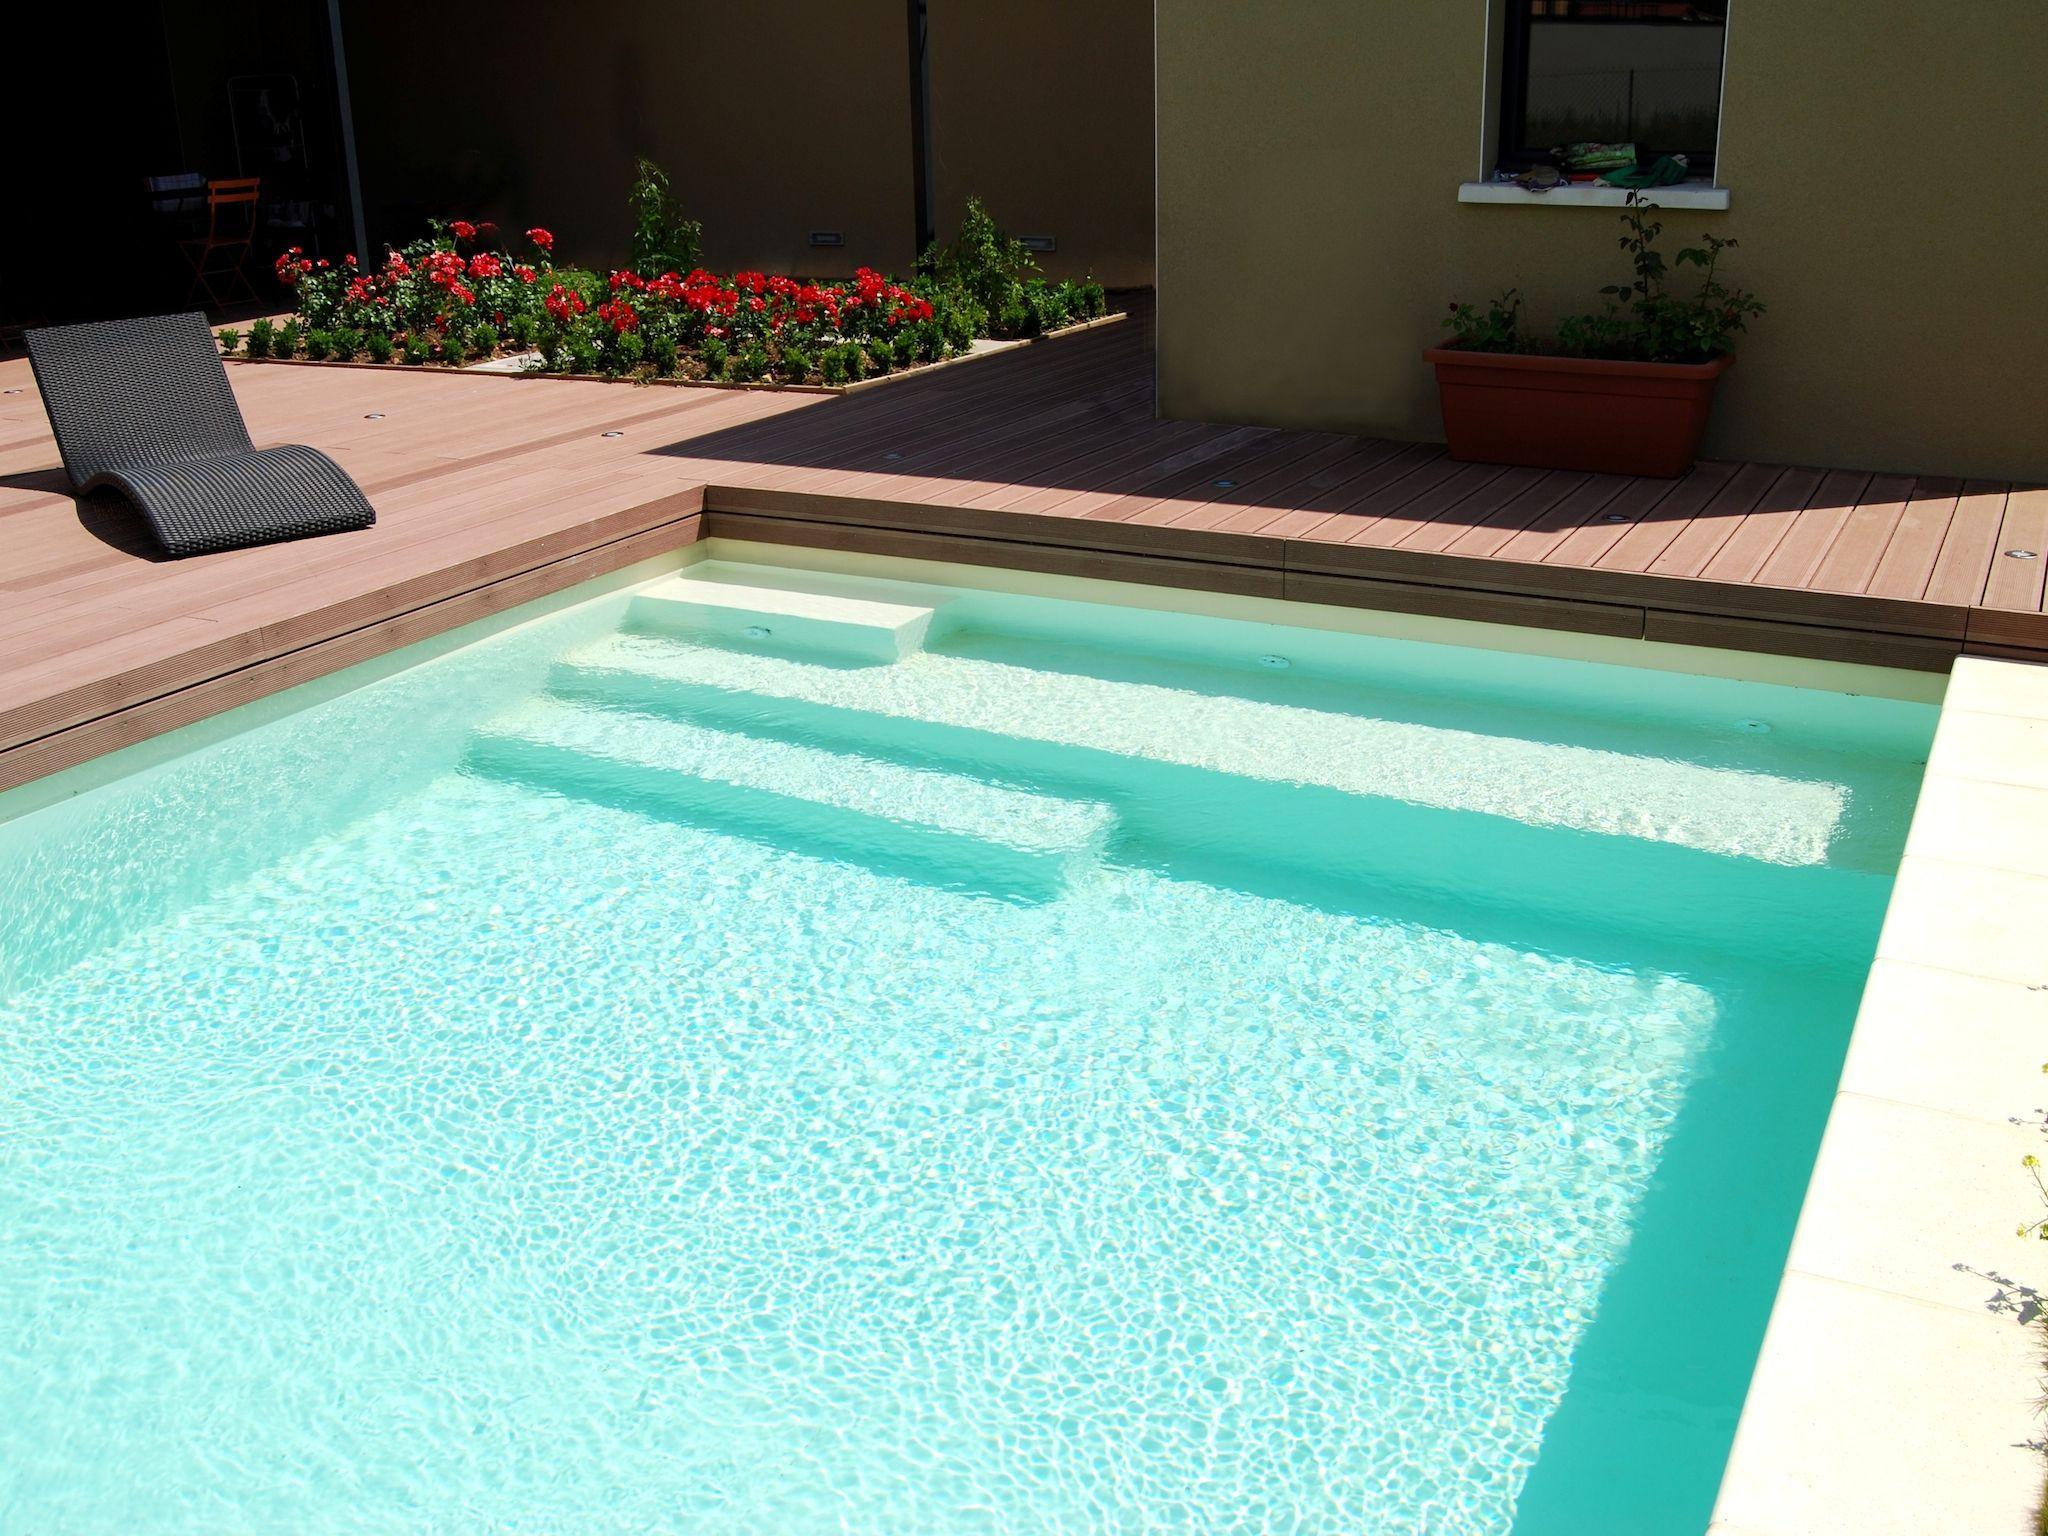 Épinglé Par Ifa Nur Ainina Sur Landscape: Swimming Pool ... tout Escalier Pour Piscine